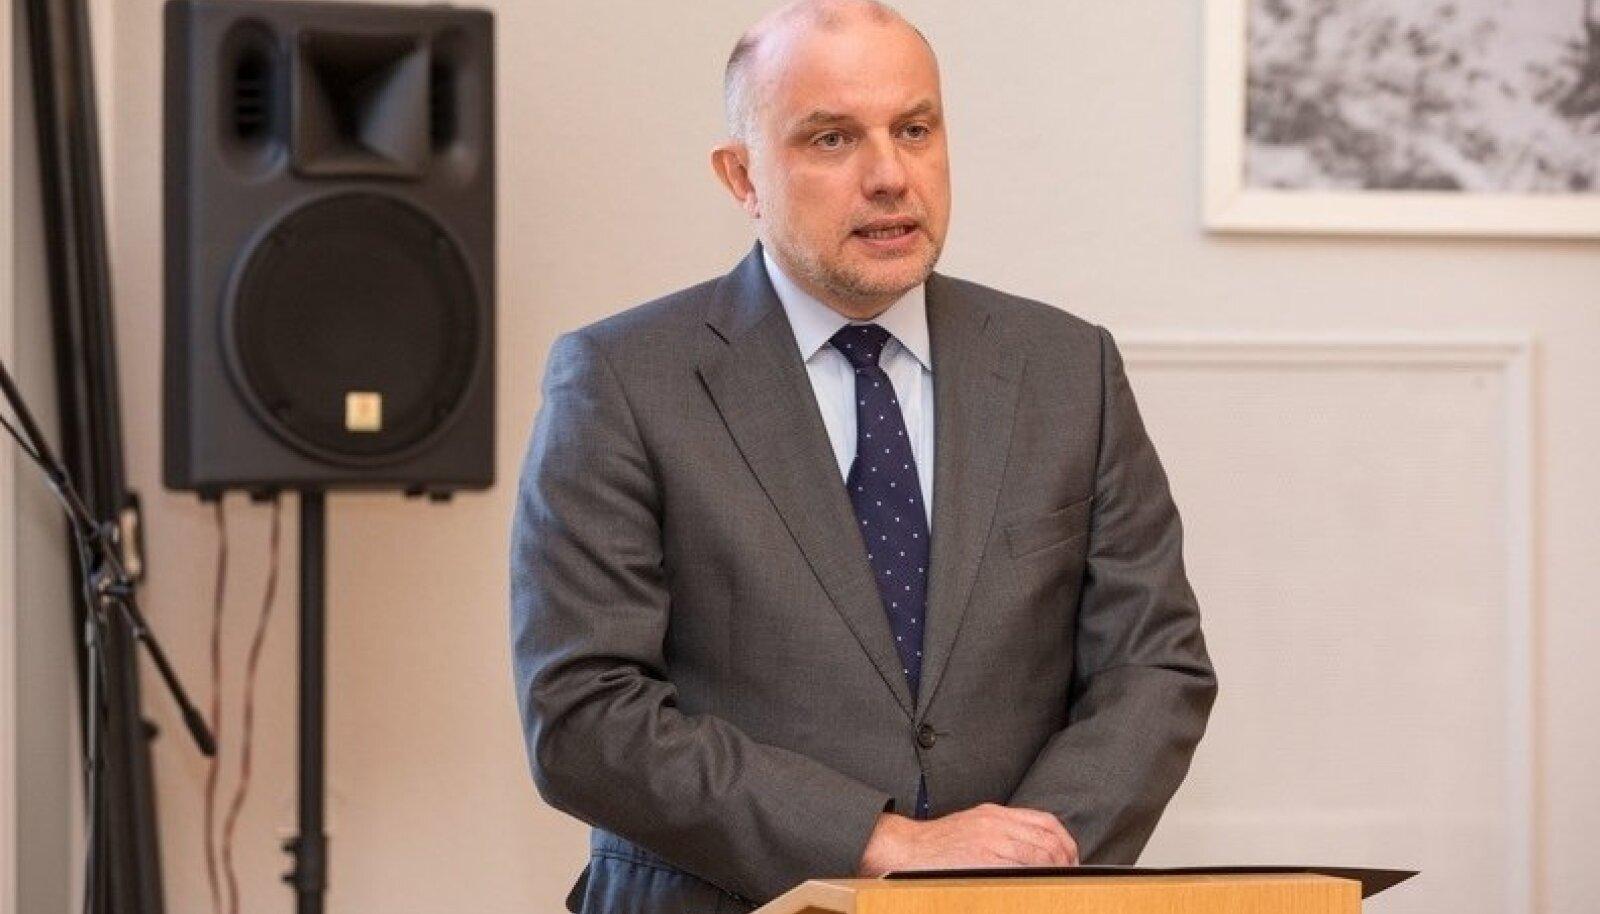 Kaitseminister andis tunnistused vastsetele riigikaitseõpetajatele